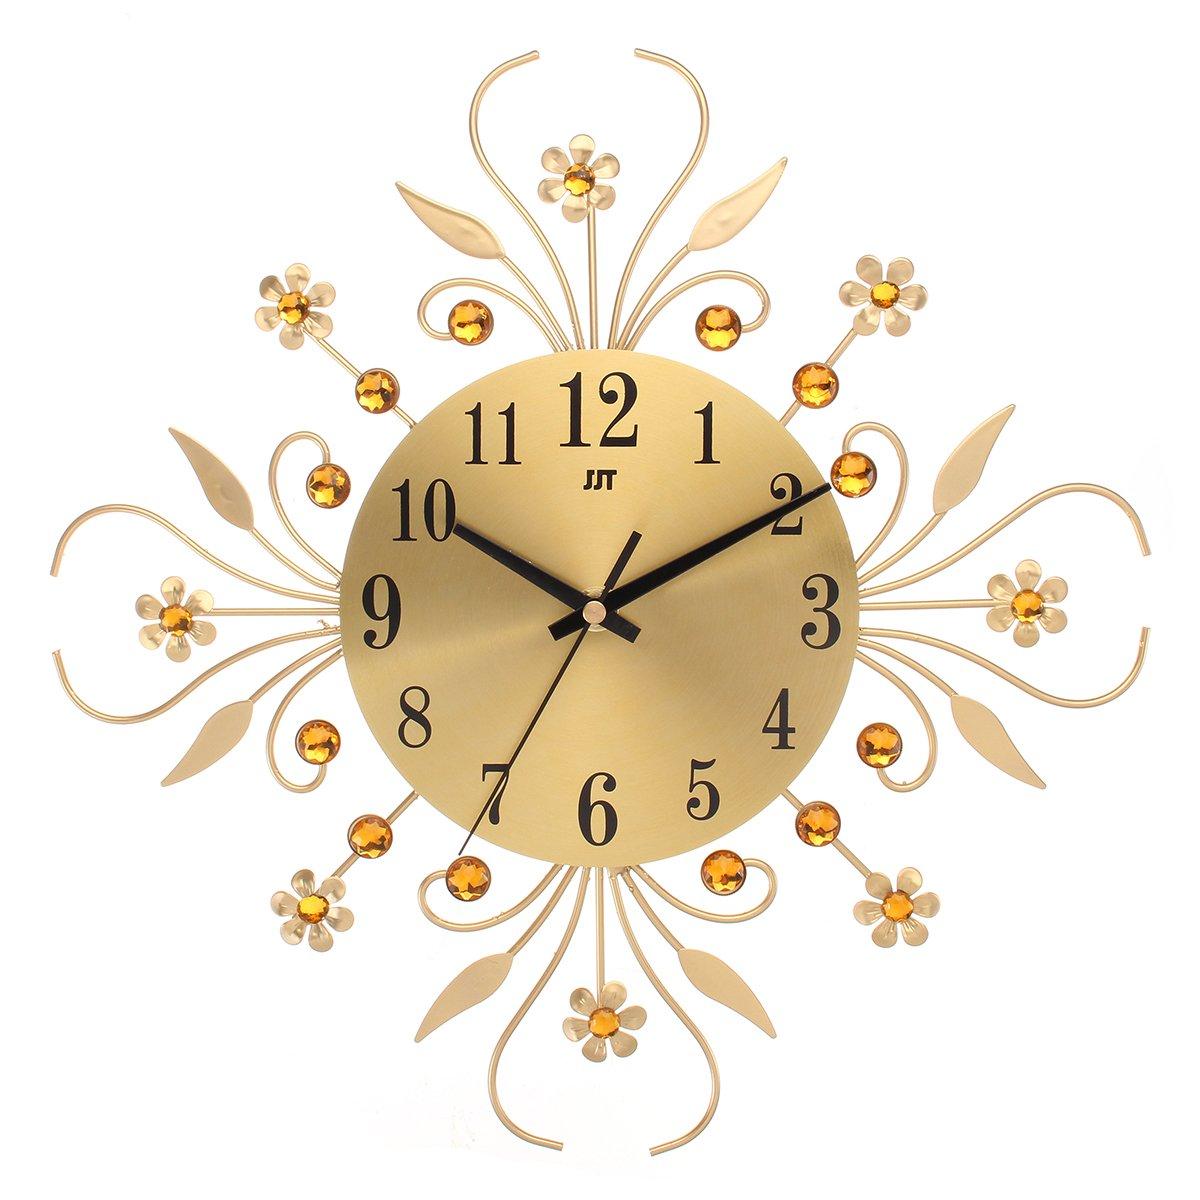 Jeteven Horloge Pendule Murale en Métal avec Diamant Acrylique Horloge Fleur Créative Design Artistique Vintage pour Salon Chambre 35cm Or